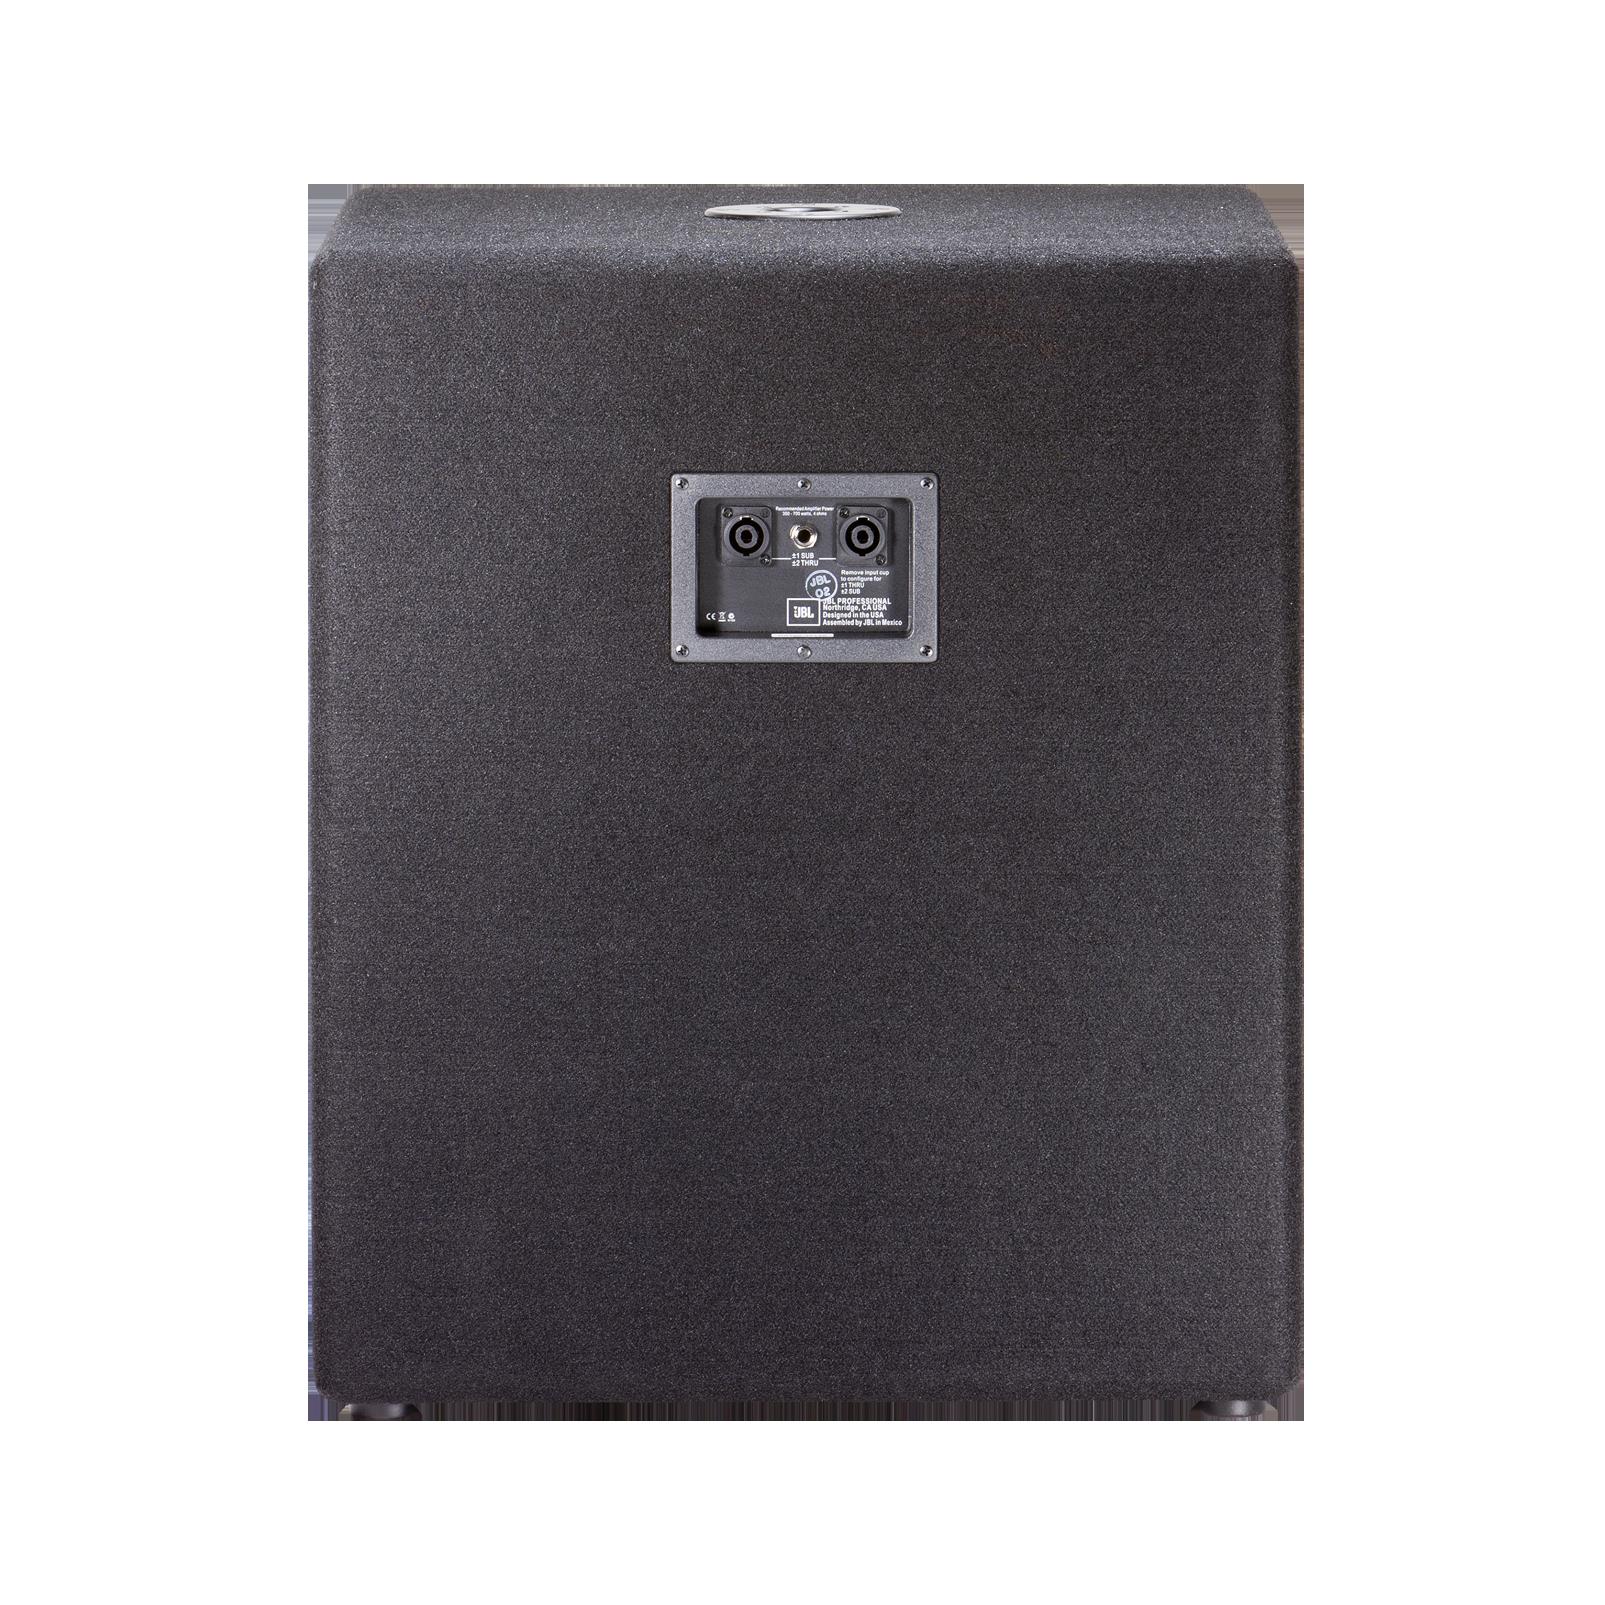 """JBL JRX218S - Black - 18"""" Compact Subwoofer - Back"""